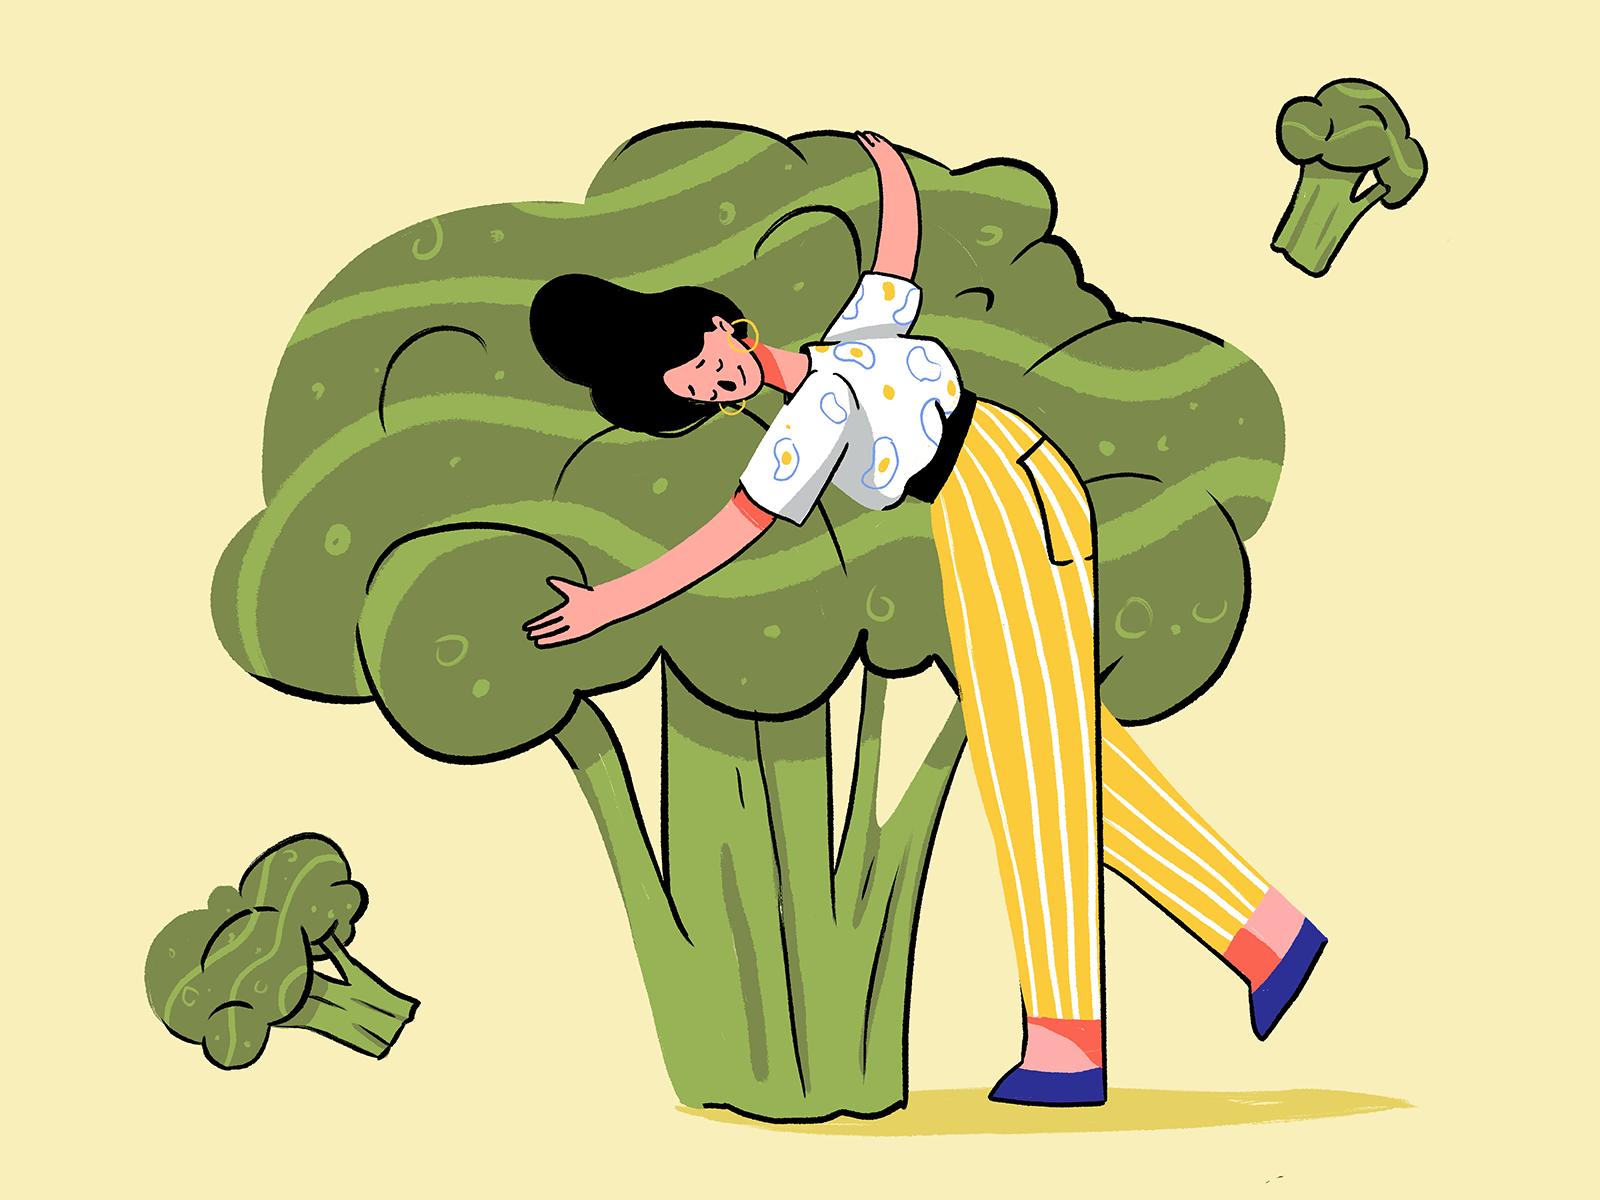 broccoli lover illustration